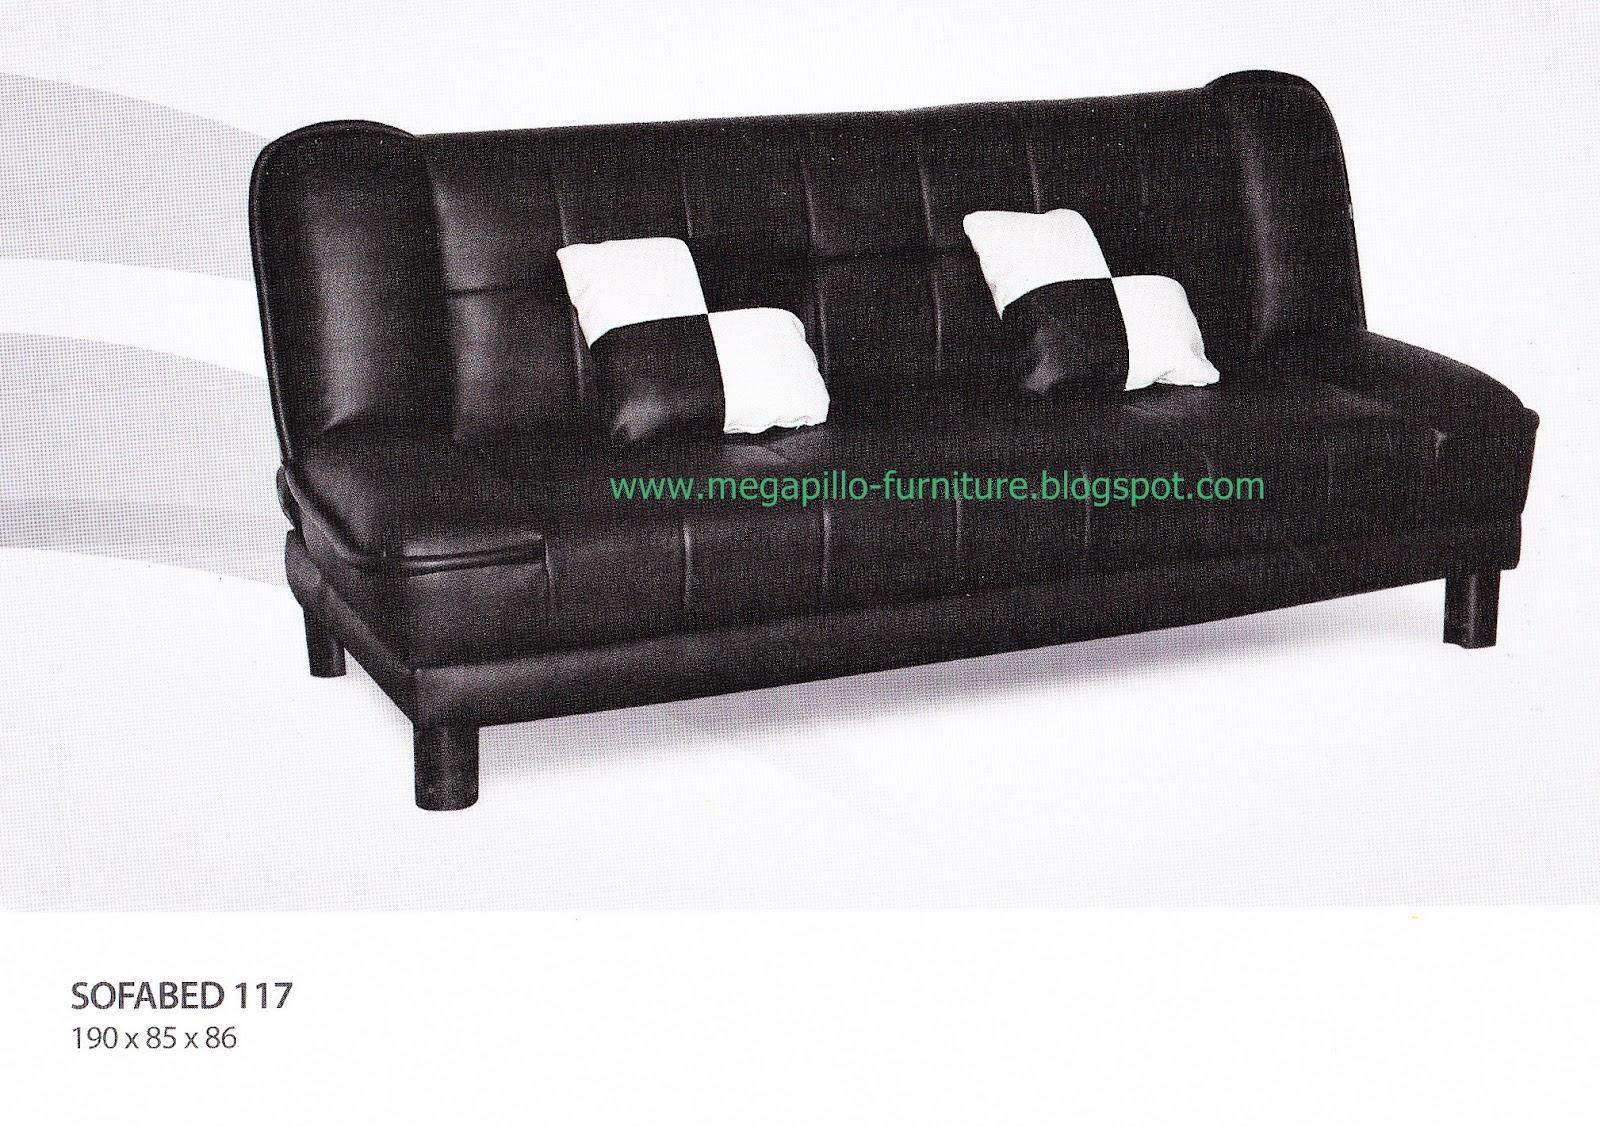 Megapillo furniture spring bed online shop sofa morres for Spring sofa bed